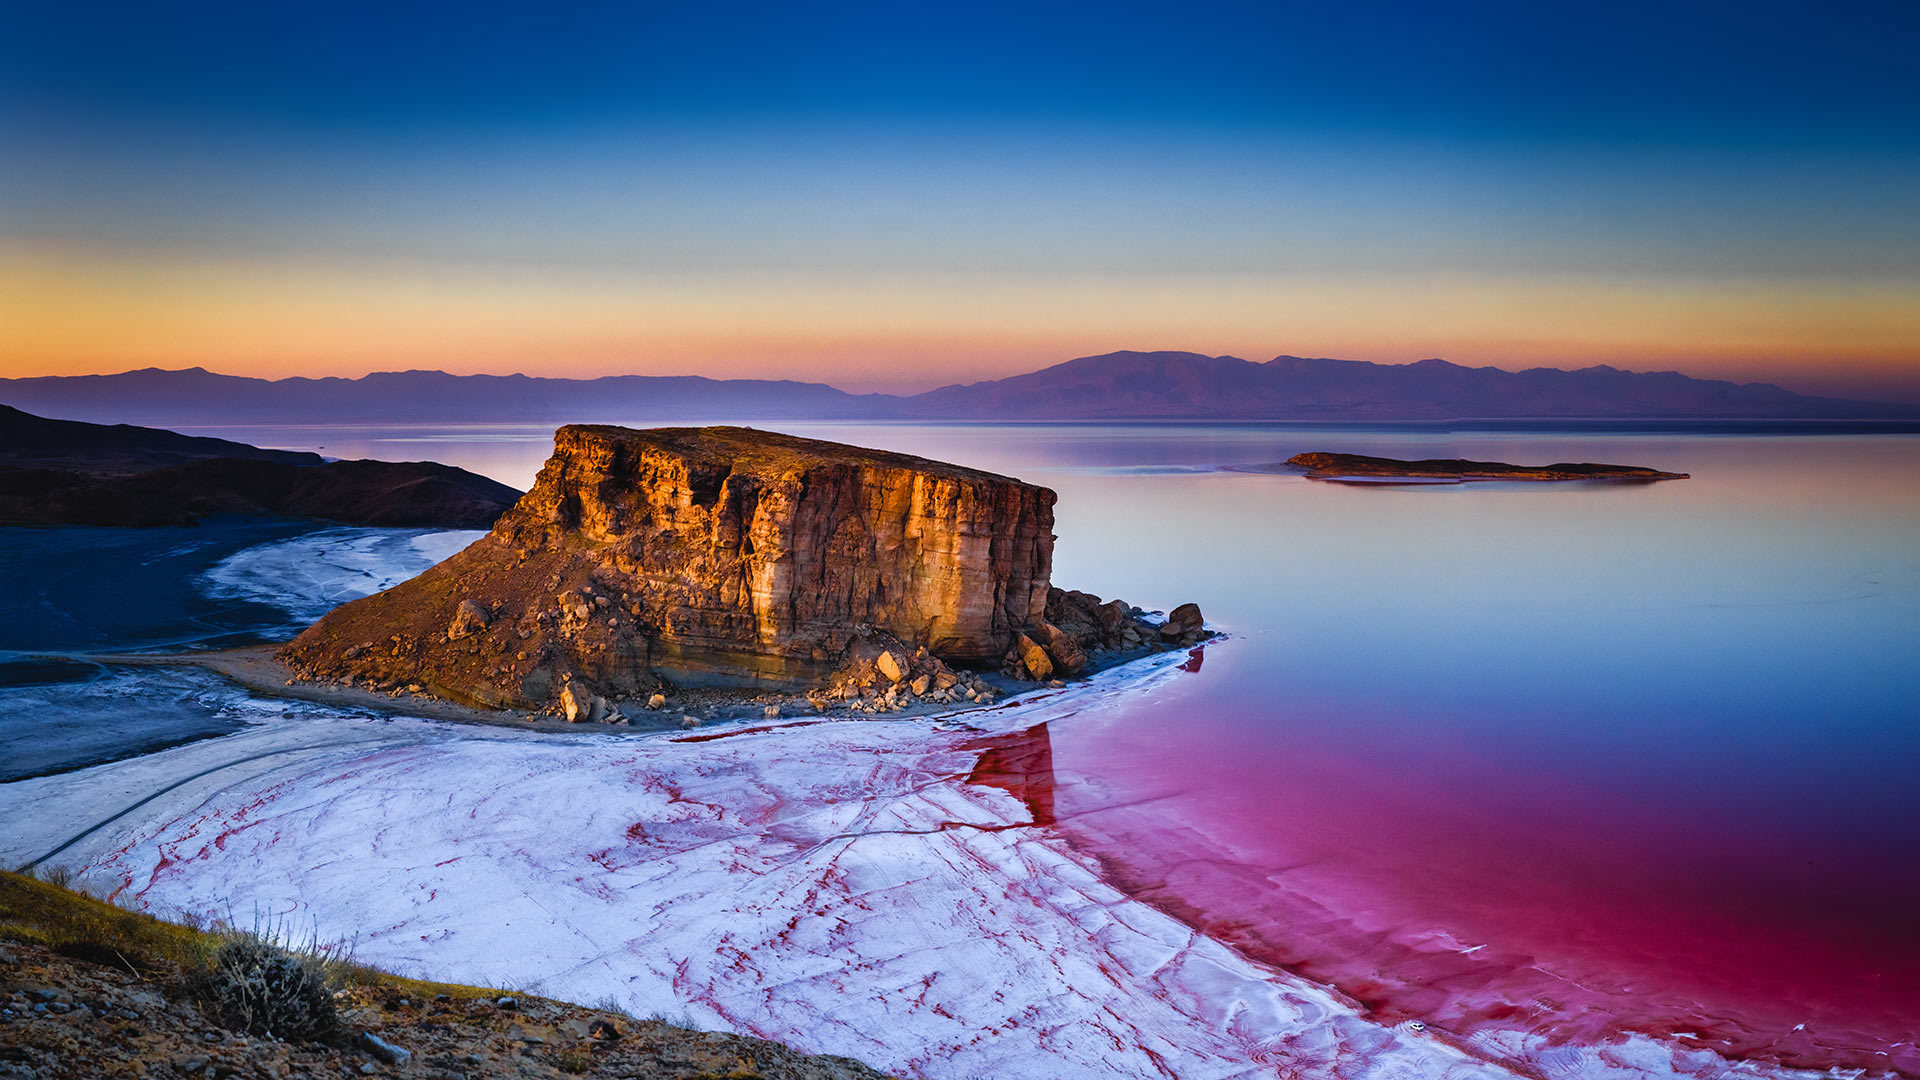 乌鲁米耶湖中的岩层乌鲁米耶湖